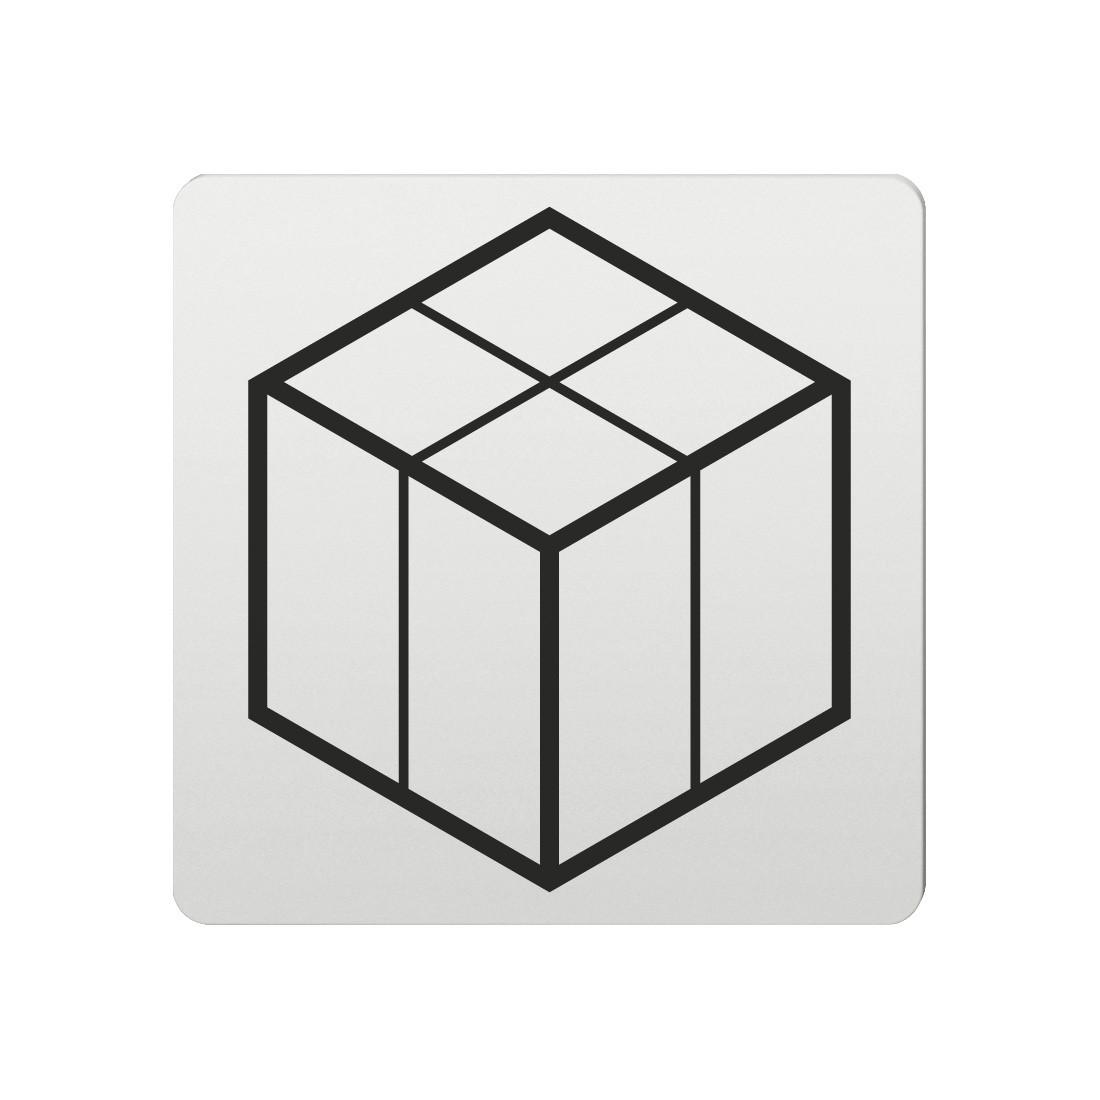 FSB Hinweiszeichen Paket Lasergraviert Aluminium naturfarbig (0 36 4059 00211 0105)